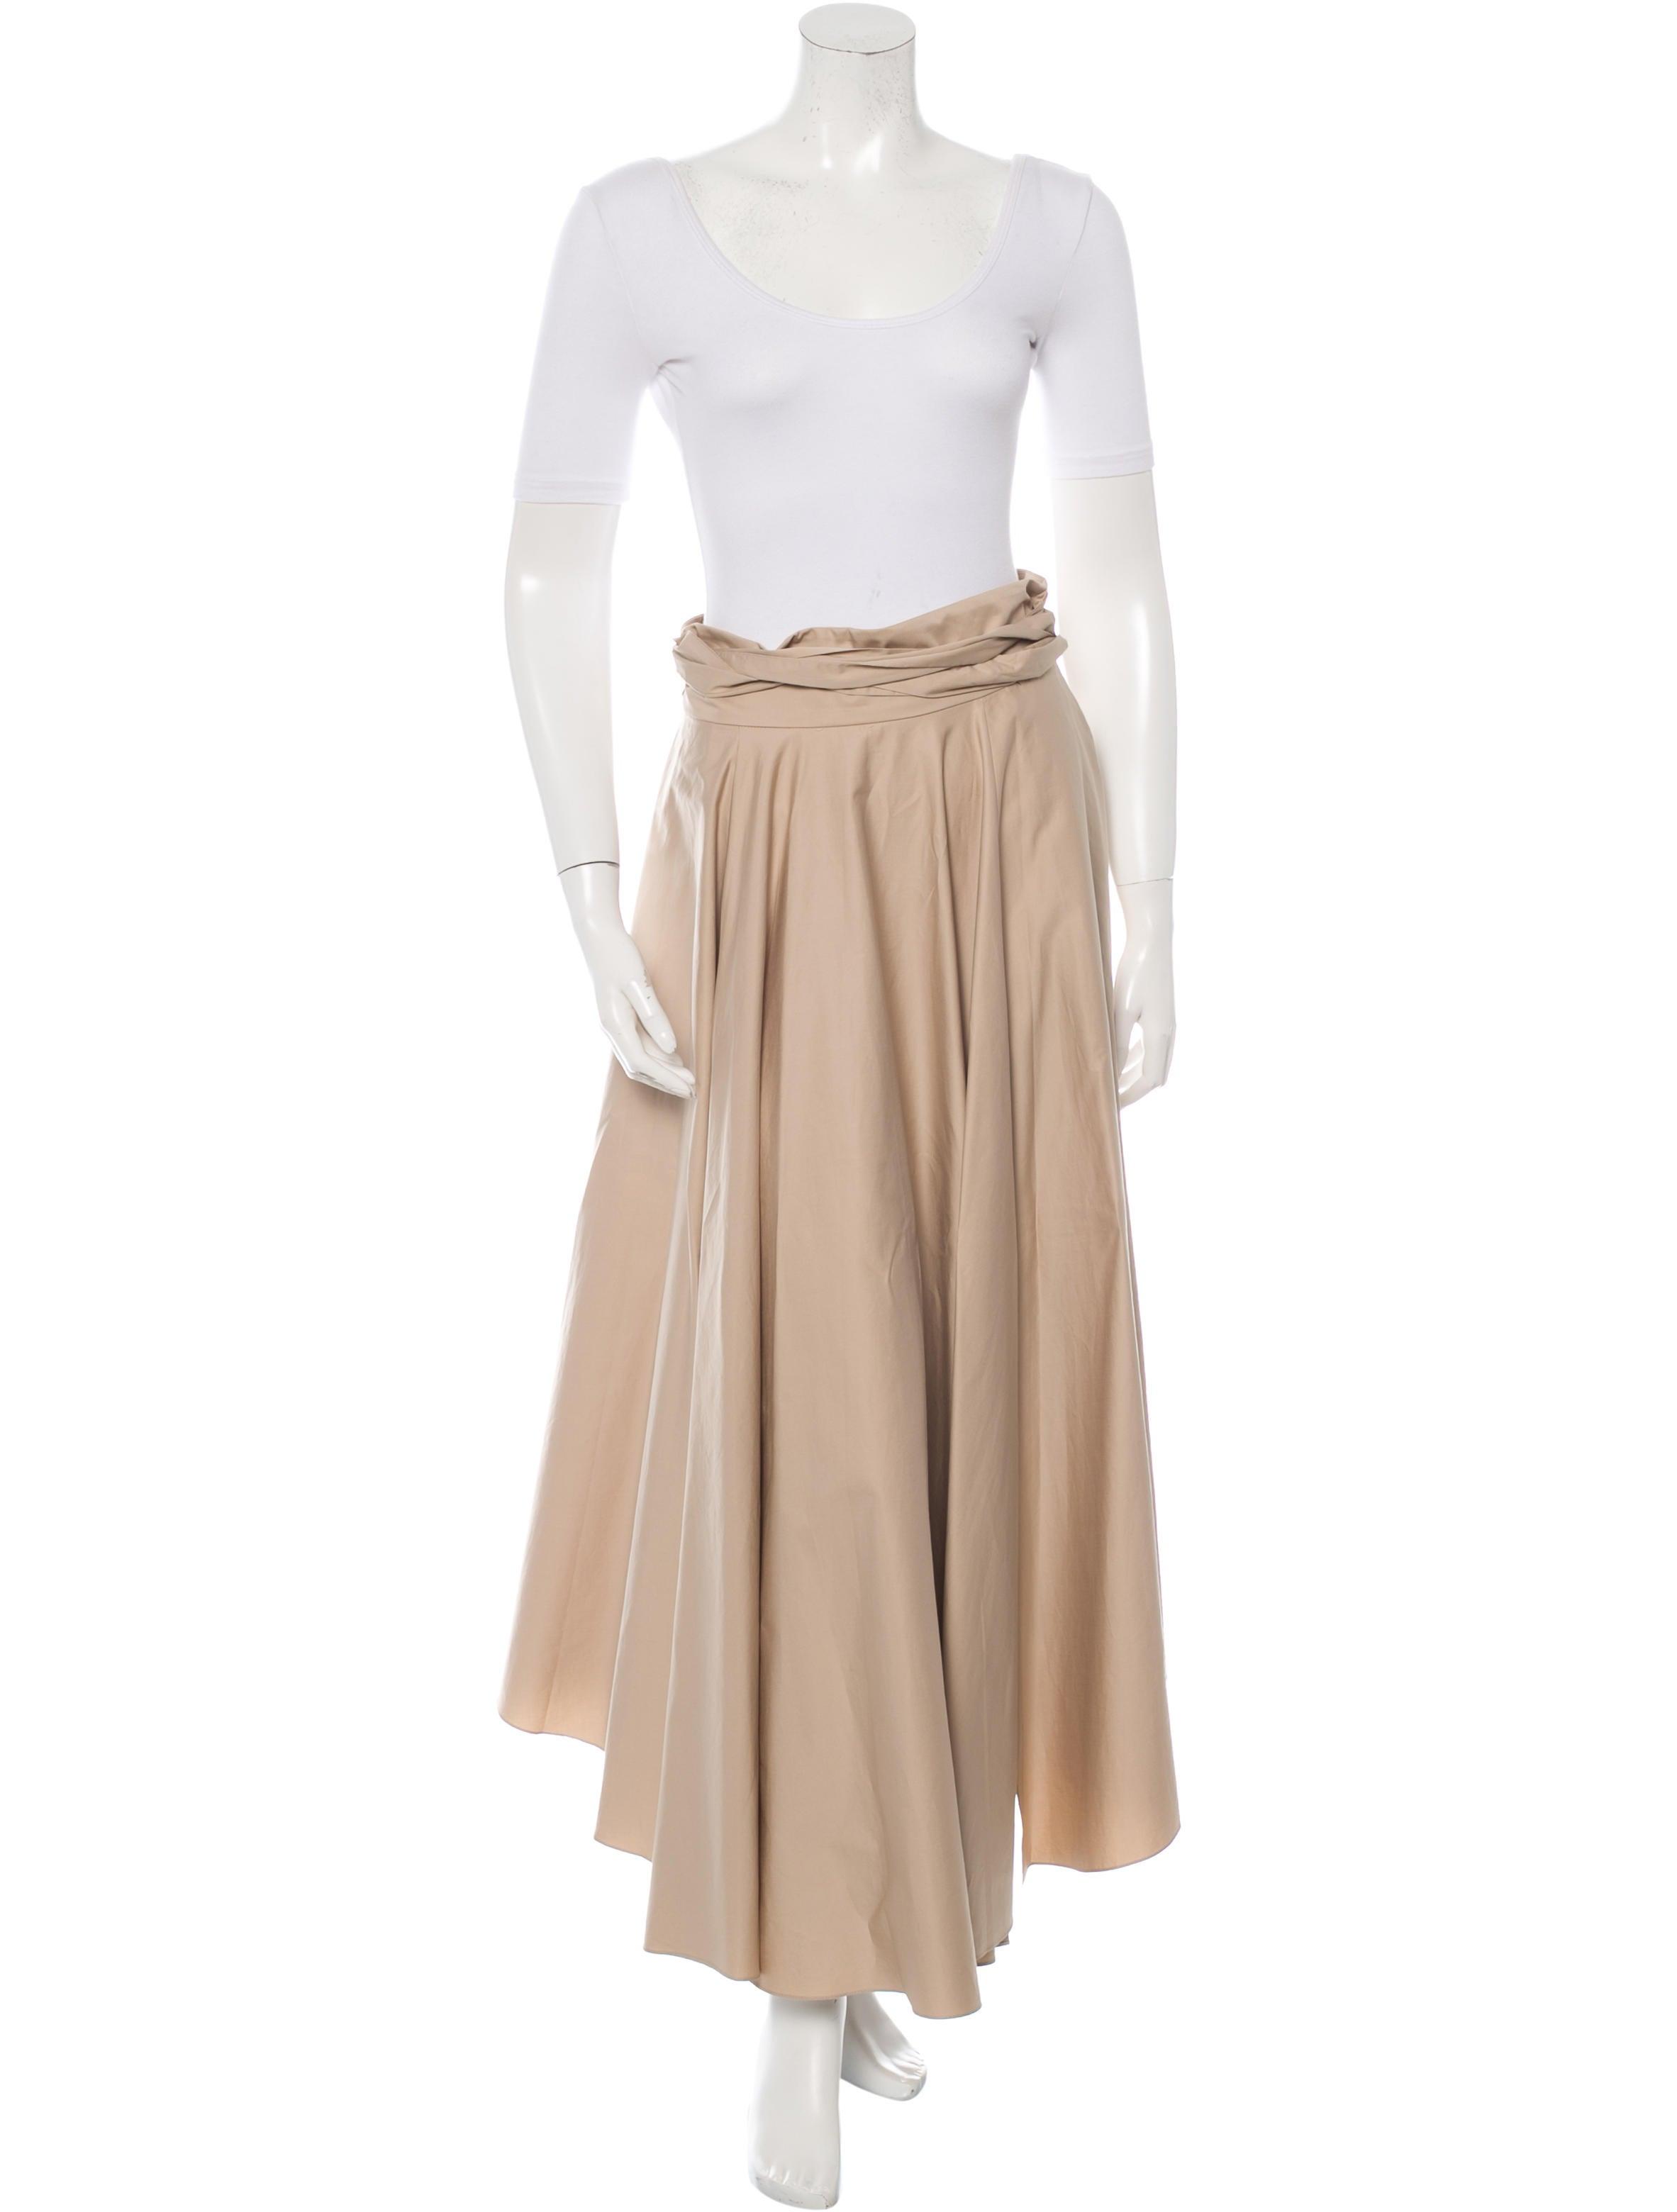 tibi midi skirt set clothing wti30987 the realreal